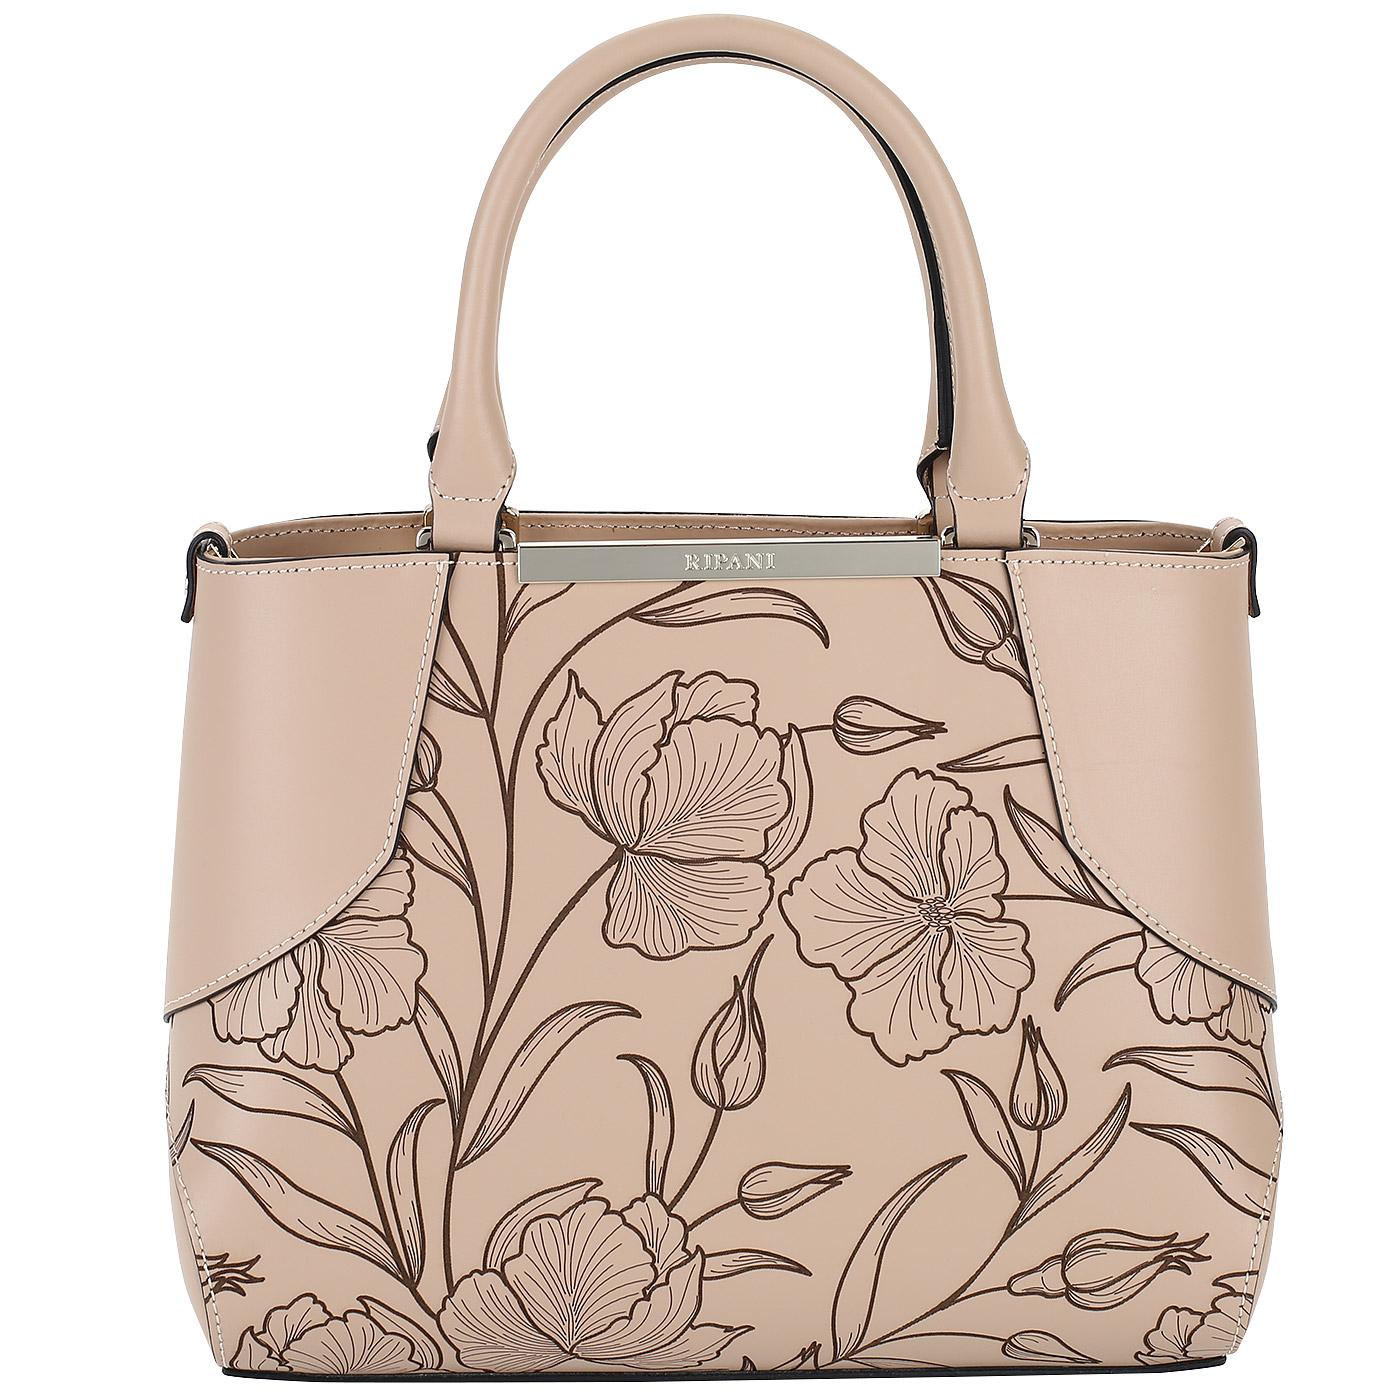 957d79ead0c9 Бежевая женская сумка с цветочным тиснением Ripani Candy 8441HF ...